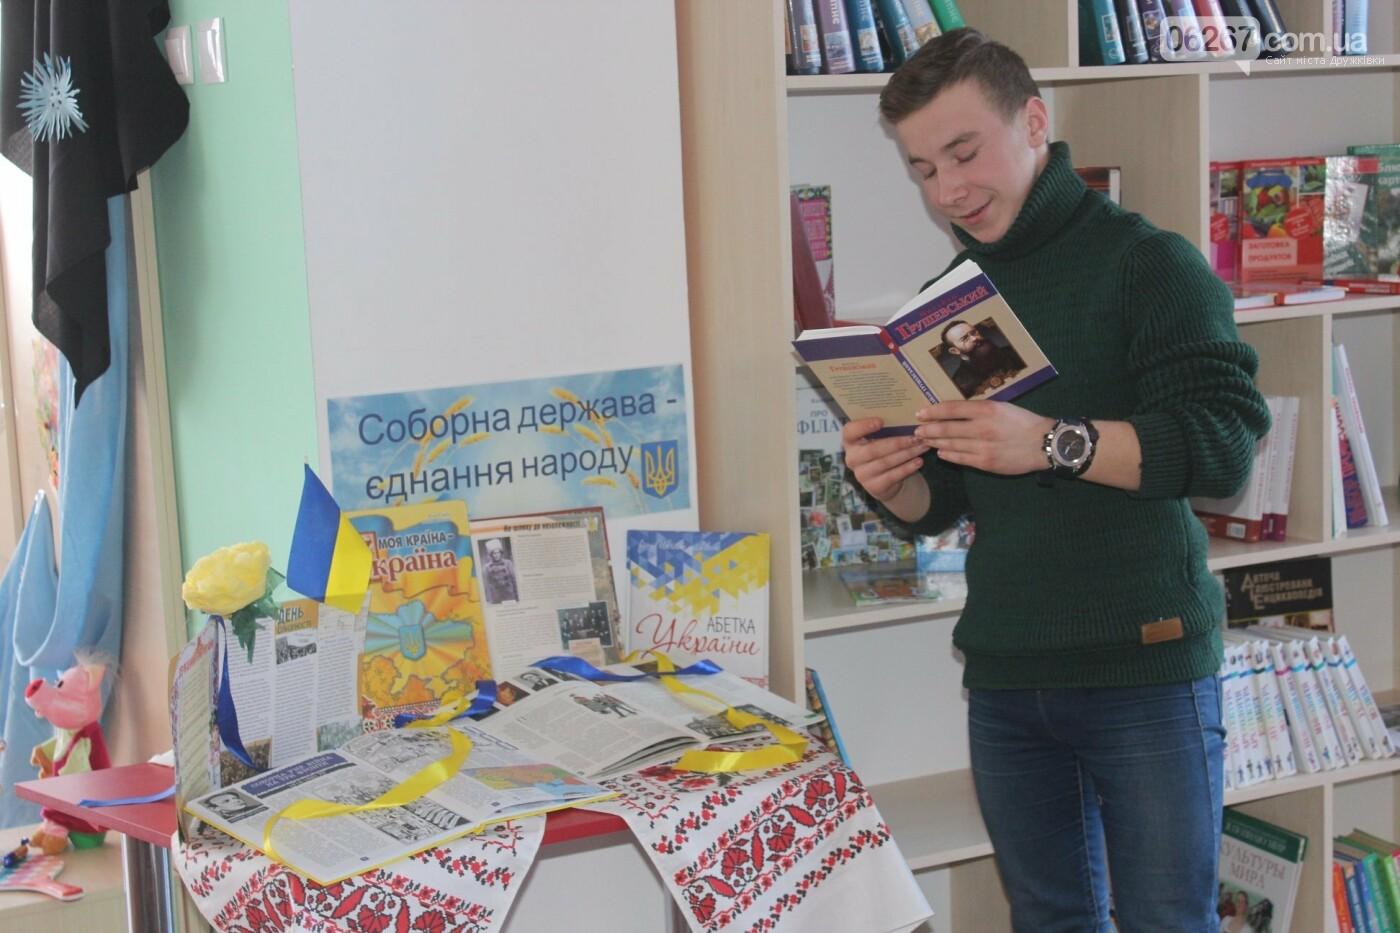 Дружковка: О соборности Украины молодые люди говорили у книжных стендов, фото-1